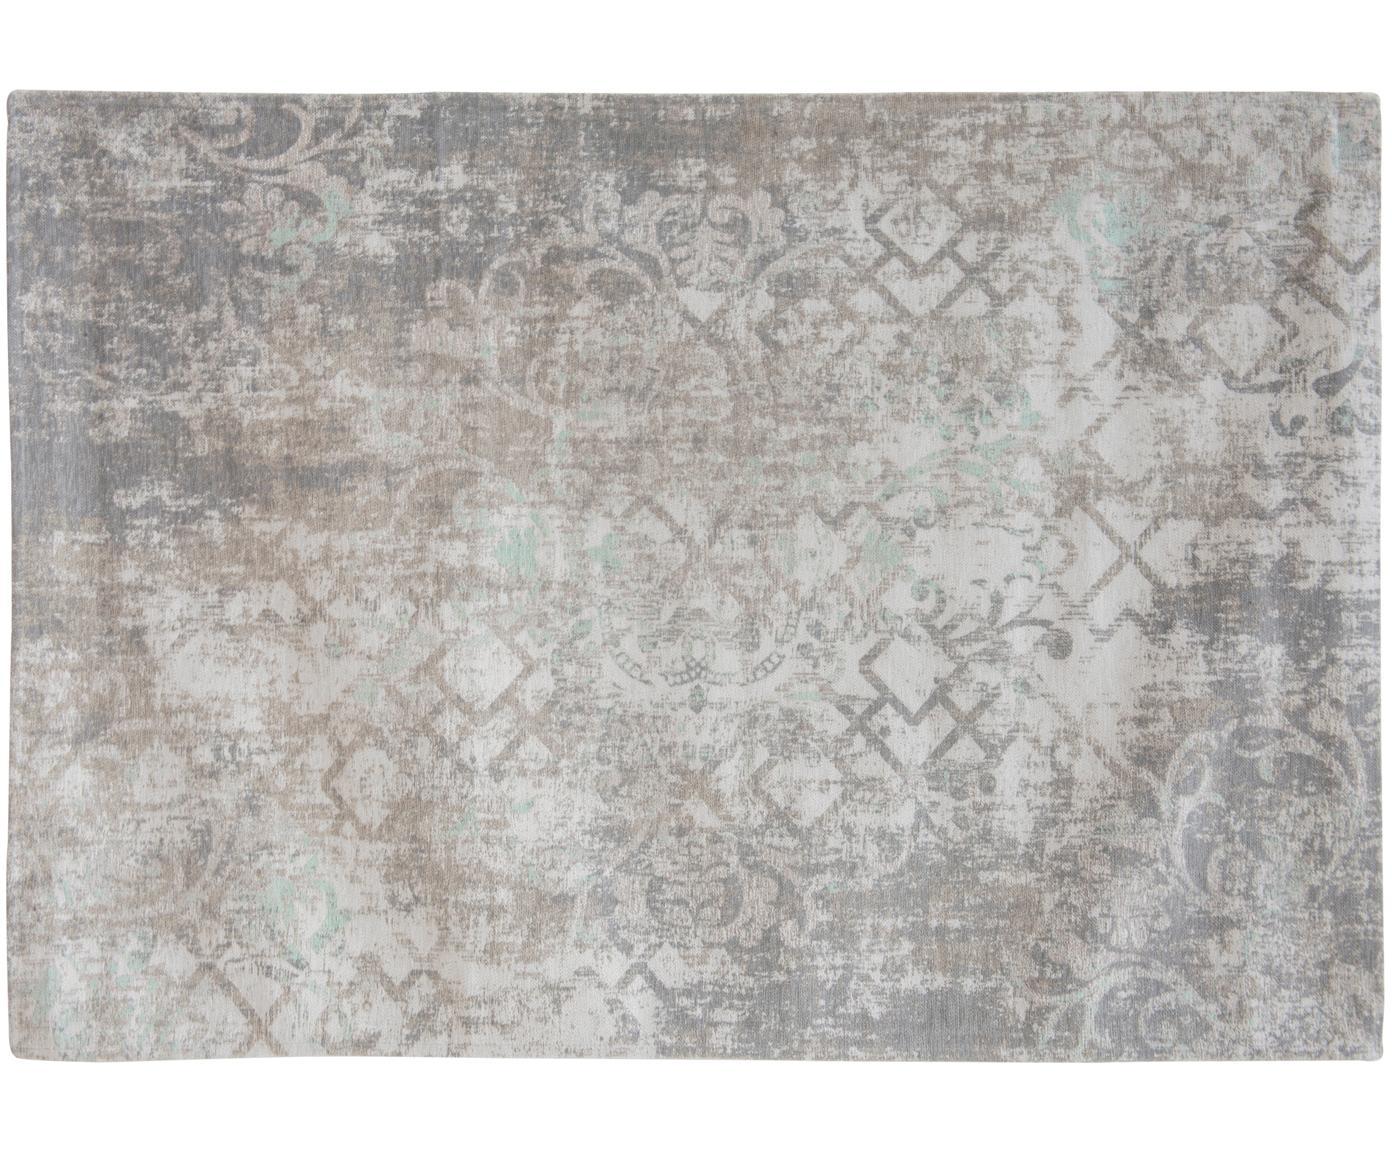 Vintage chenille vloerkleed Babylon in Grijsbeige, Bovenzijde: chenille (katoen), Weeftechniek: jacquard, Onderzijde: chenille, gecoat met late, Grijs, beige, 140 x 200 cm